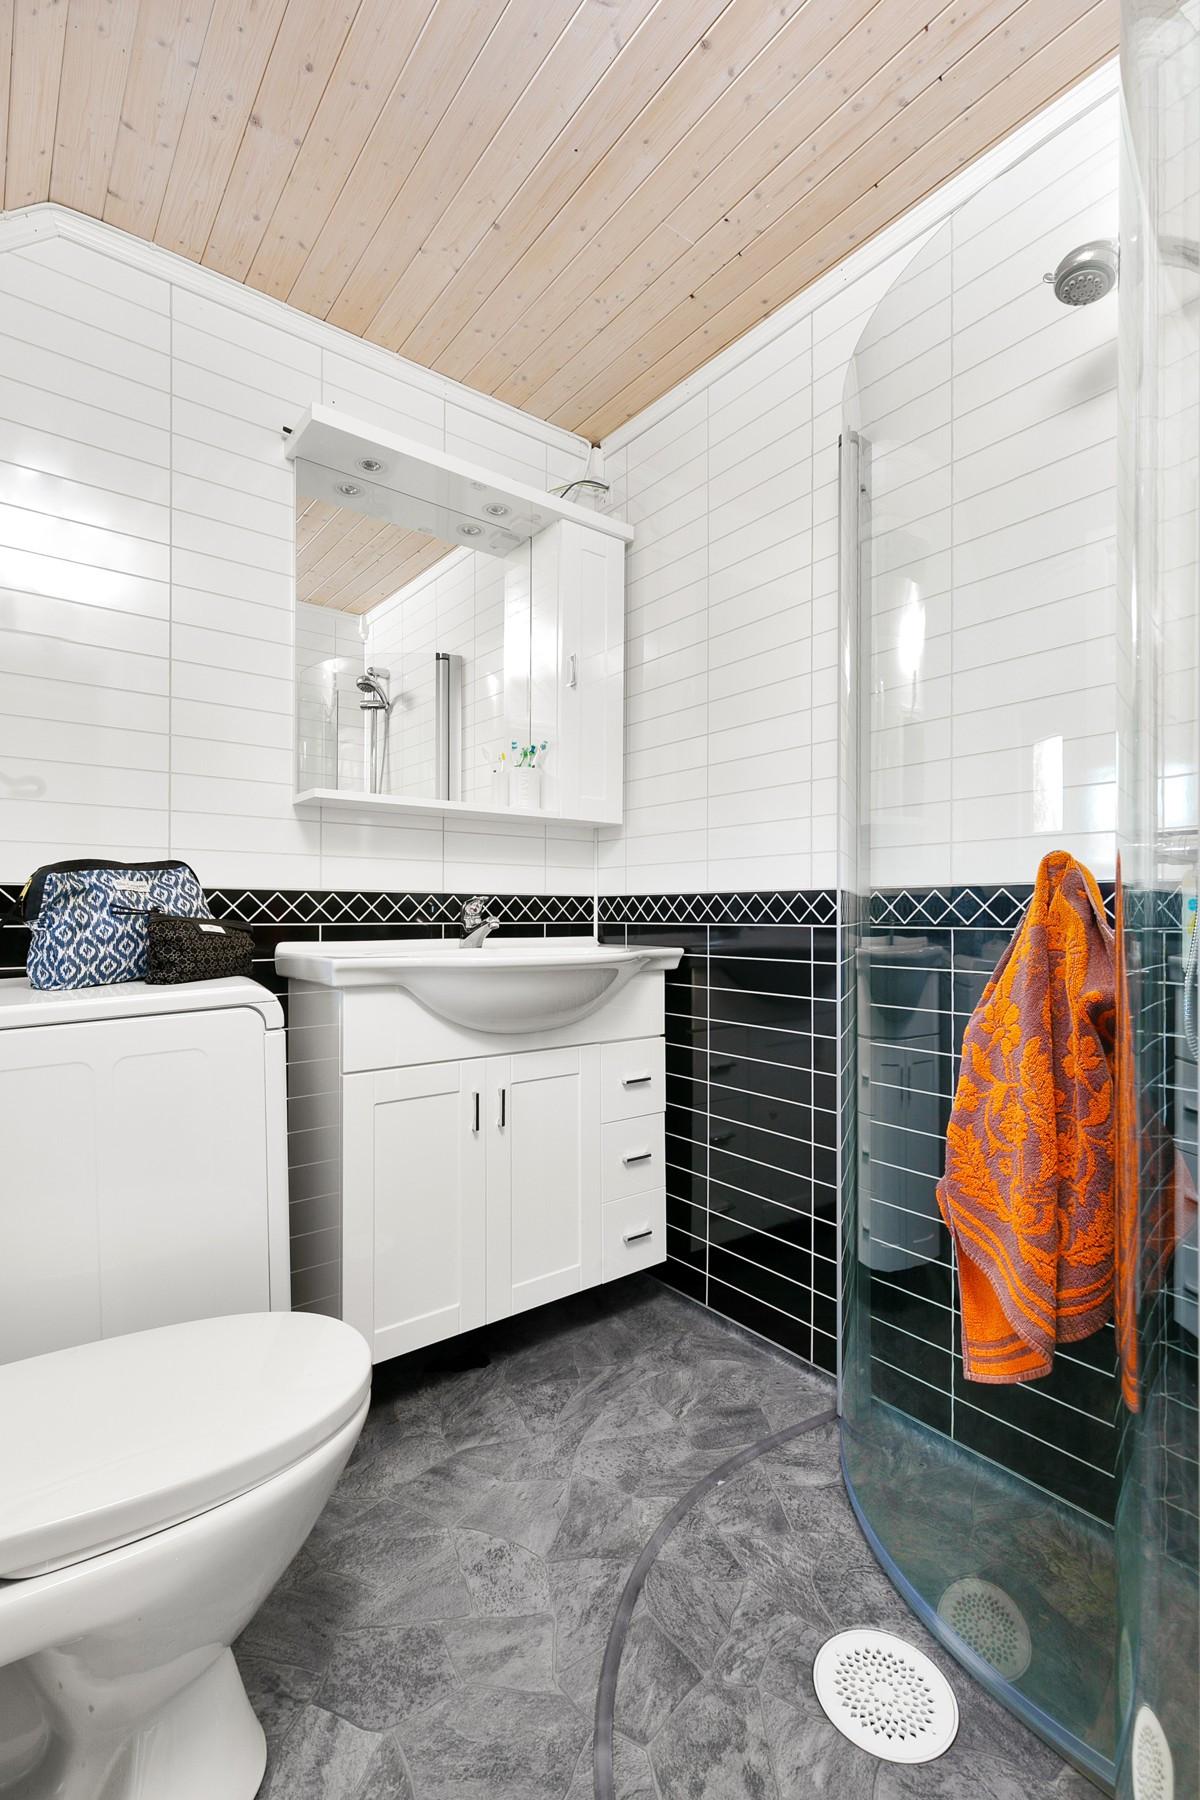 Bad/vaskerom er innredet med dusj på vegg med innsvingbare dører, servant med skap, wc og opplegg for vaskemaskin